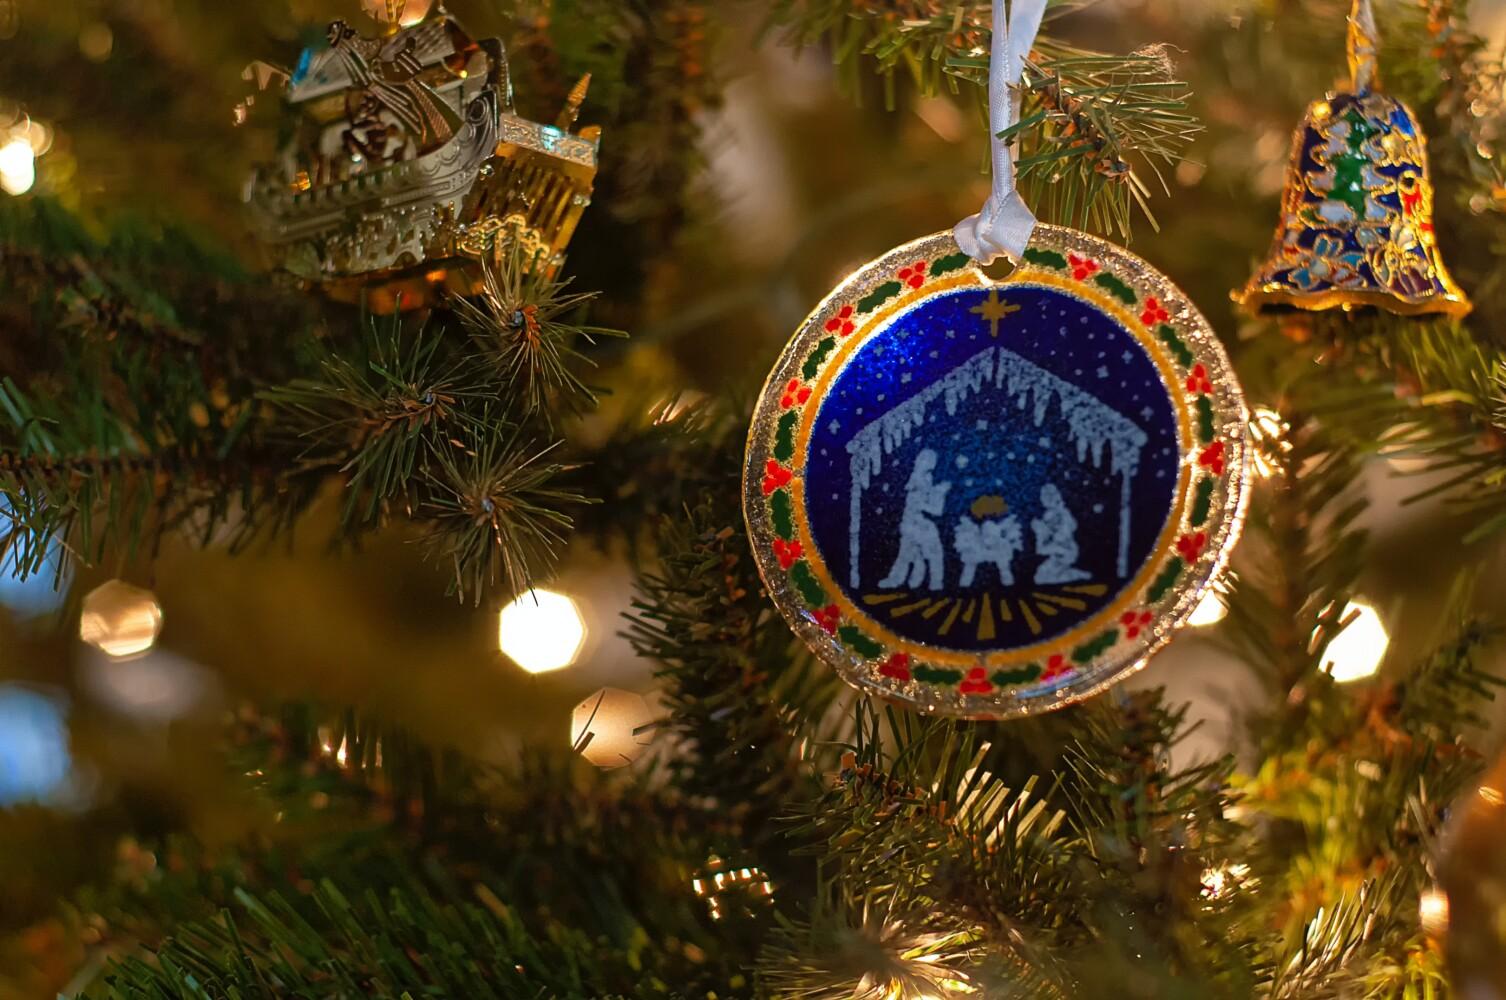 De kerstboom: symbool voor warmte en licht